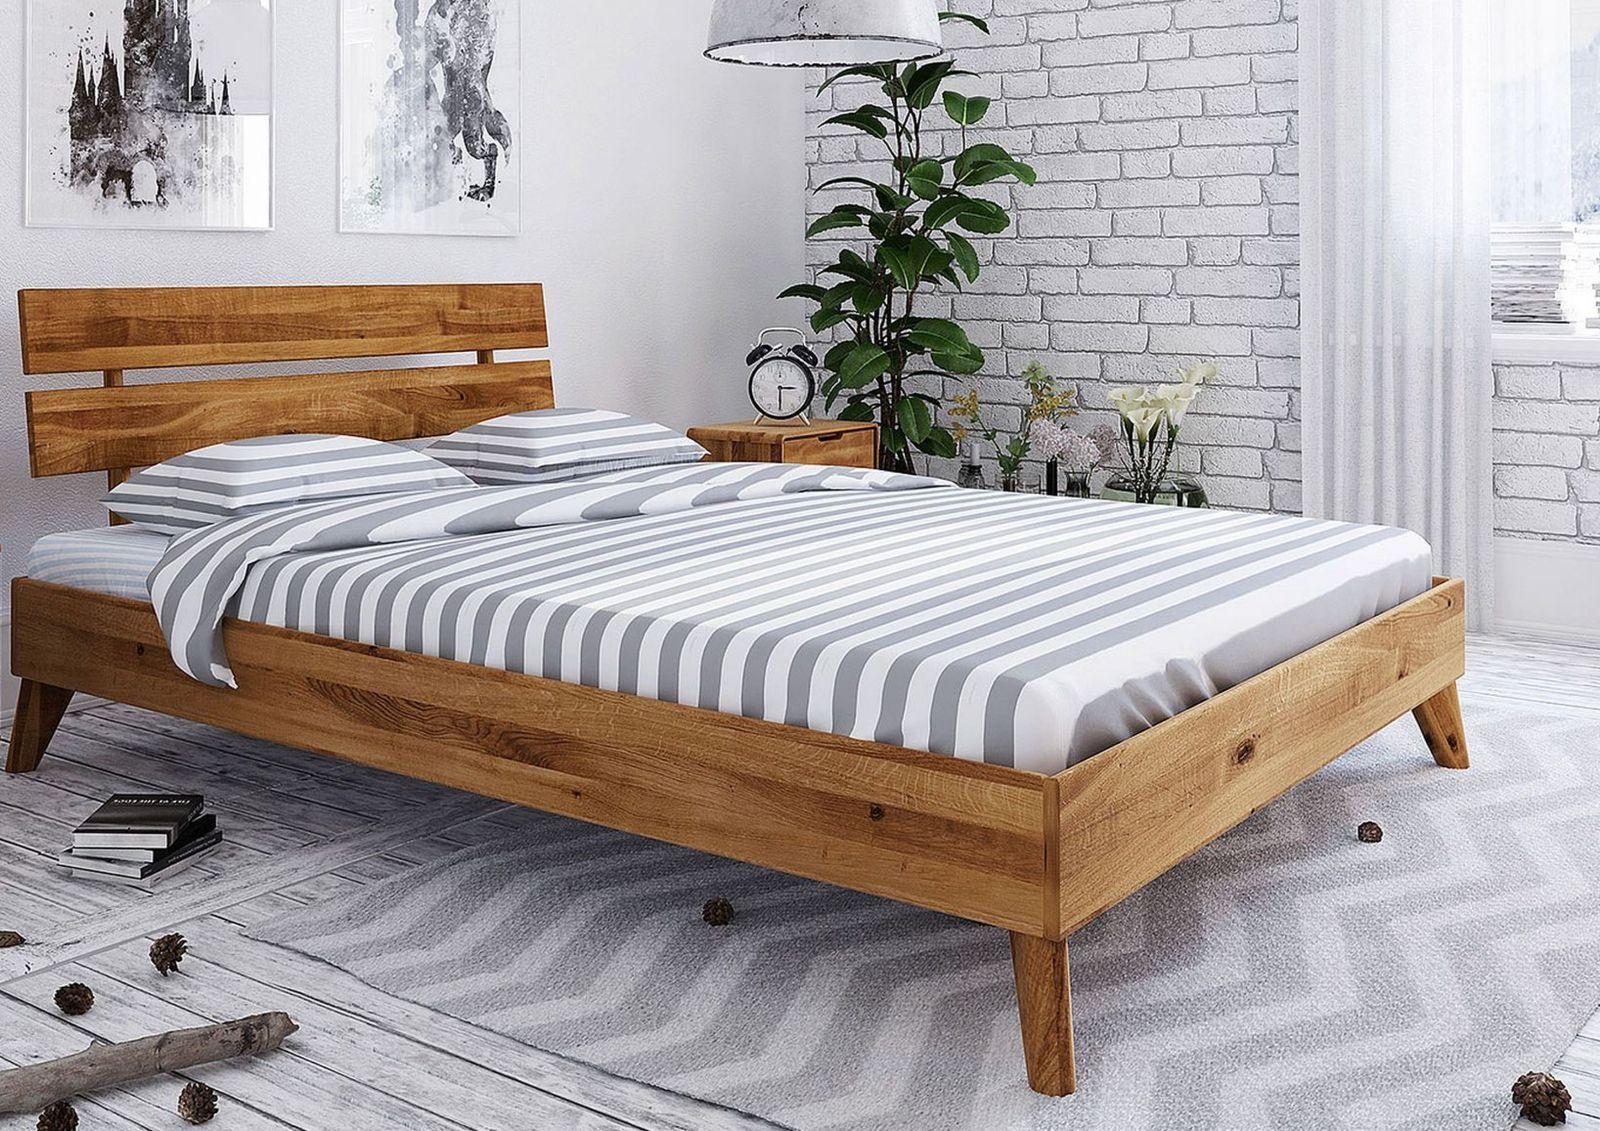 Full Size of Bett Italienisches Design Modern Puristisch Sleep Better Holz Betten 120x200 140x200 Leader 180x200 Kaufen Aus Wildeiche Gelt Natur Prinzessin Mit Aufbewahrung Wohnzimmer Bett Modern